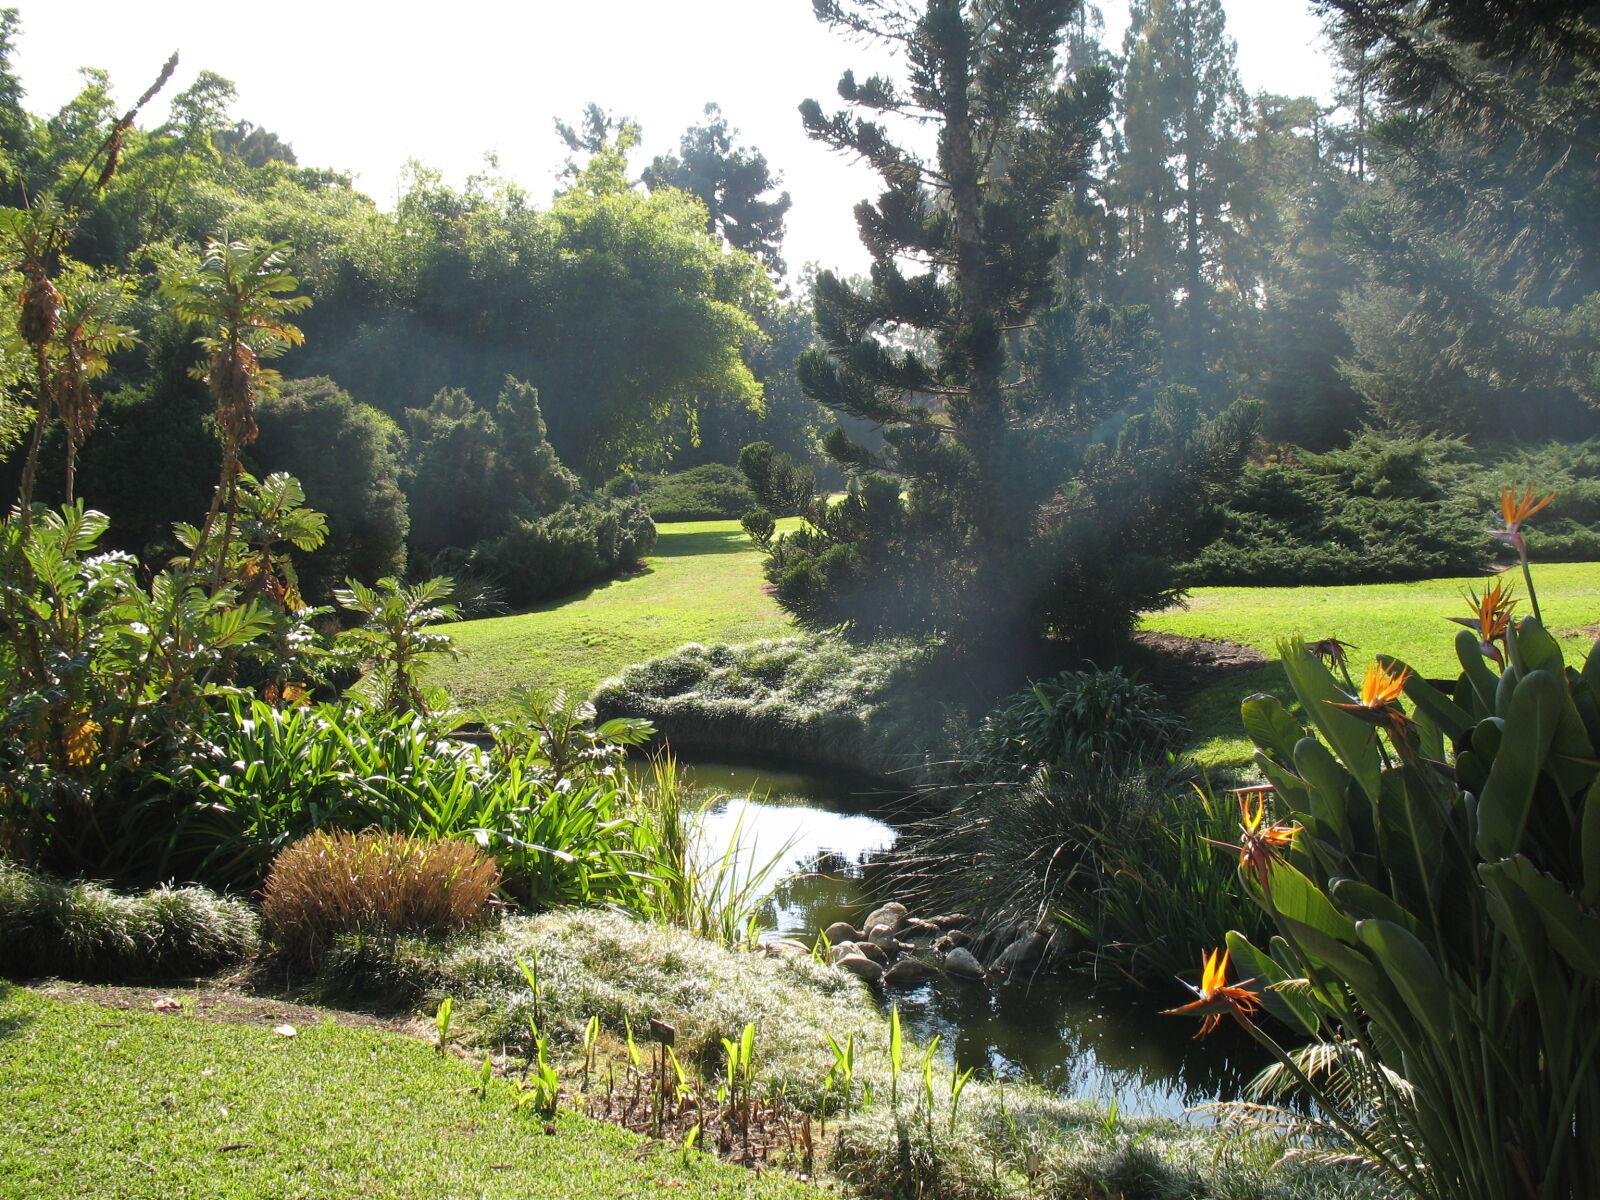 """Canon POWERSHOT A620 sample photo. """"Garden"""" photography"""